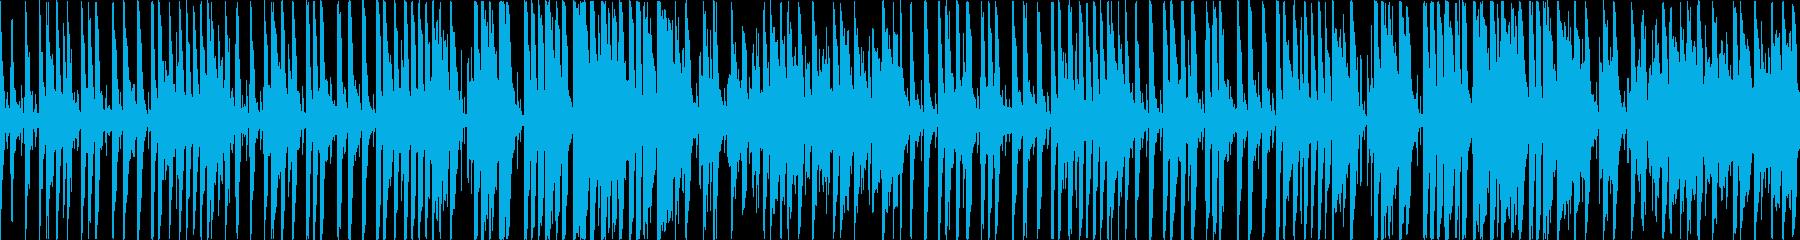 キラキラした雰囲気の温かいポップス(1尺の再生済みの波形